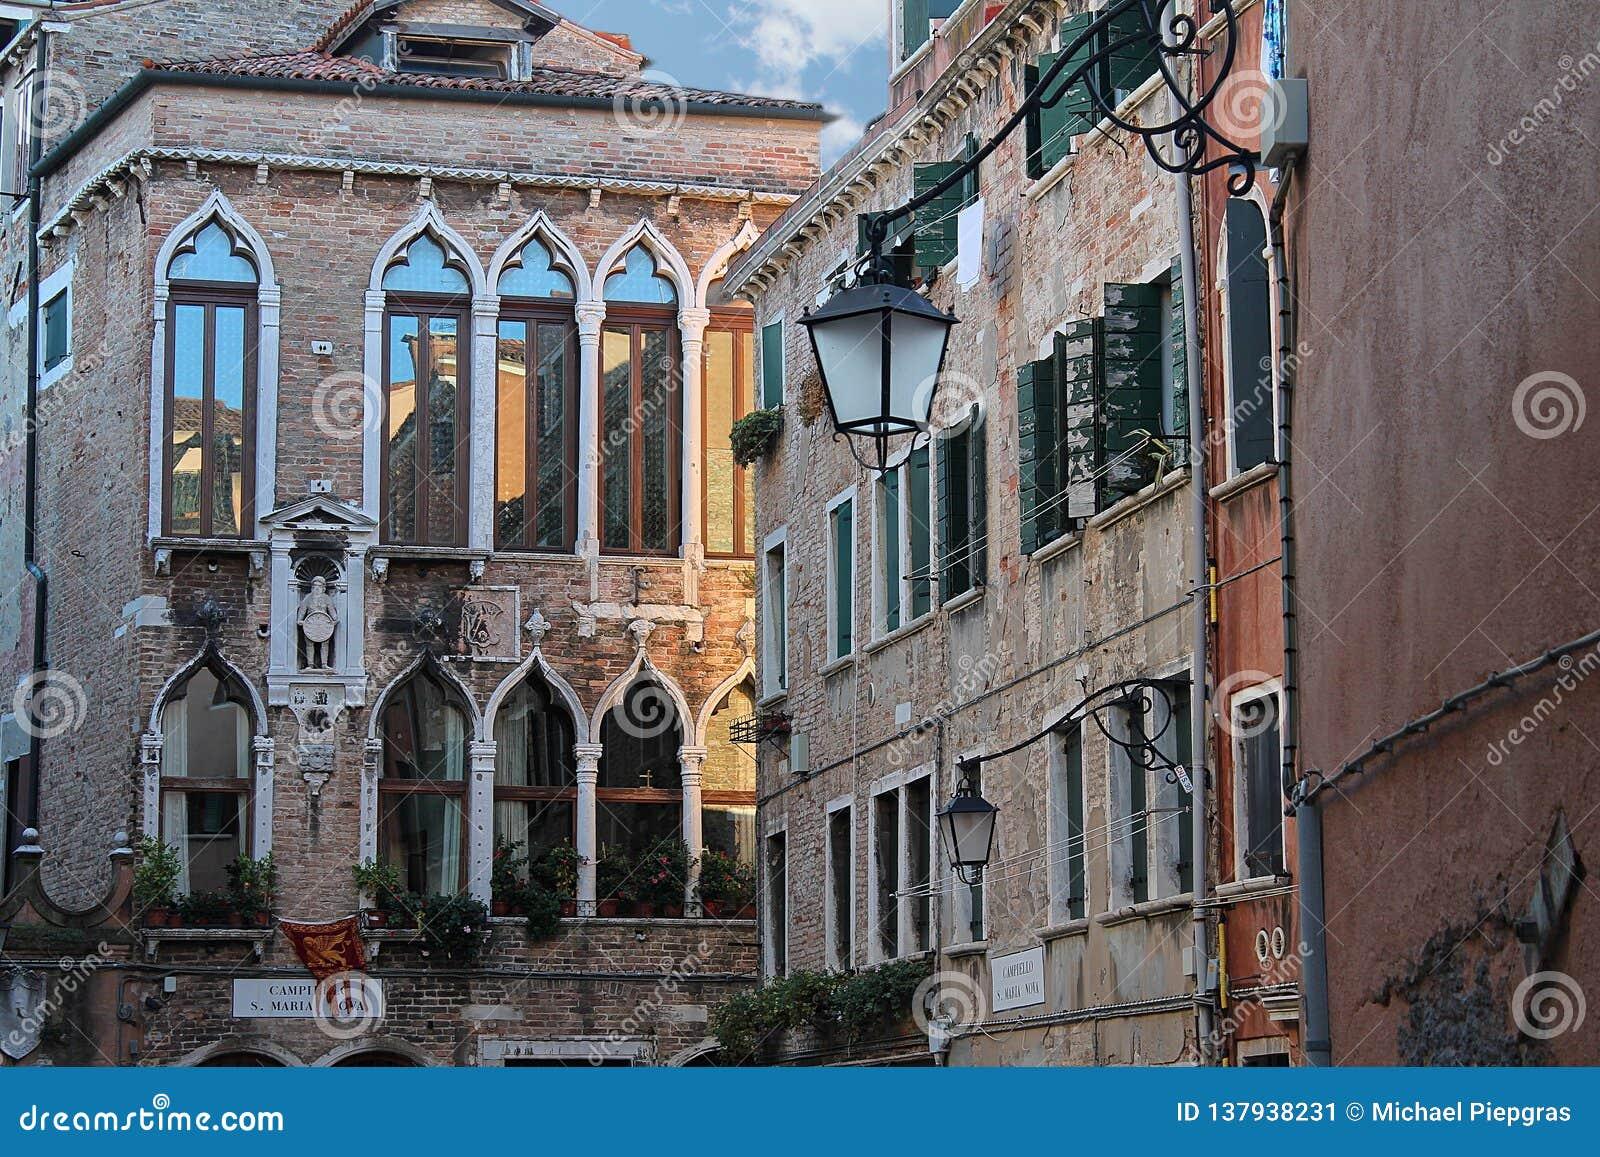 Schöne Tourismusschüsse von Venedig in Italien, das Gebäudekanäle und alte venetianische Architektur zeigt